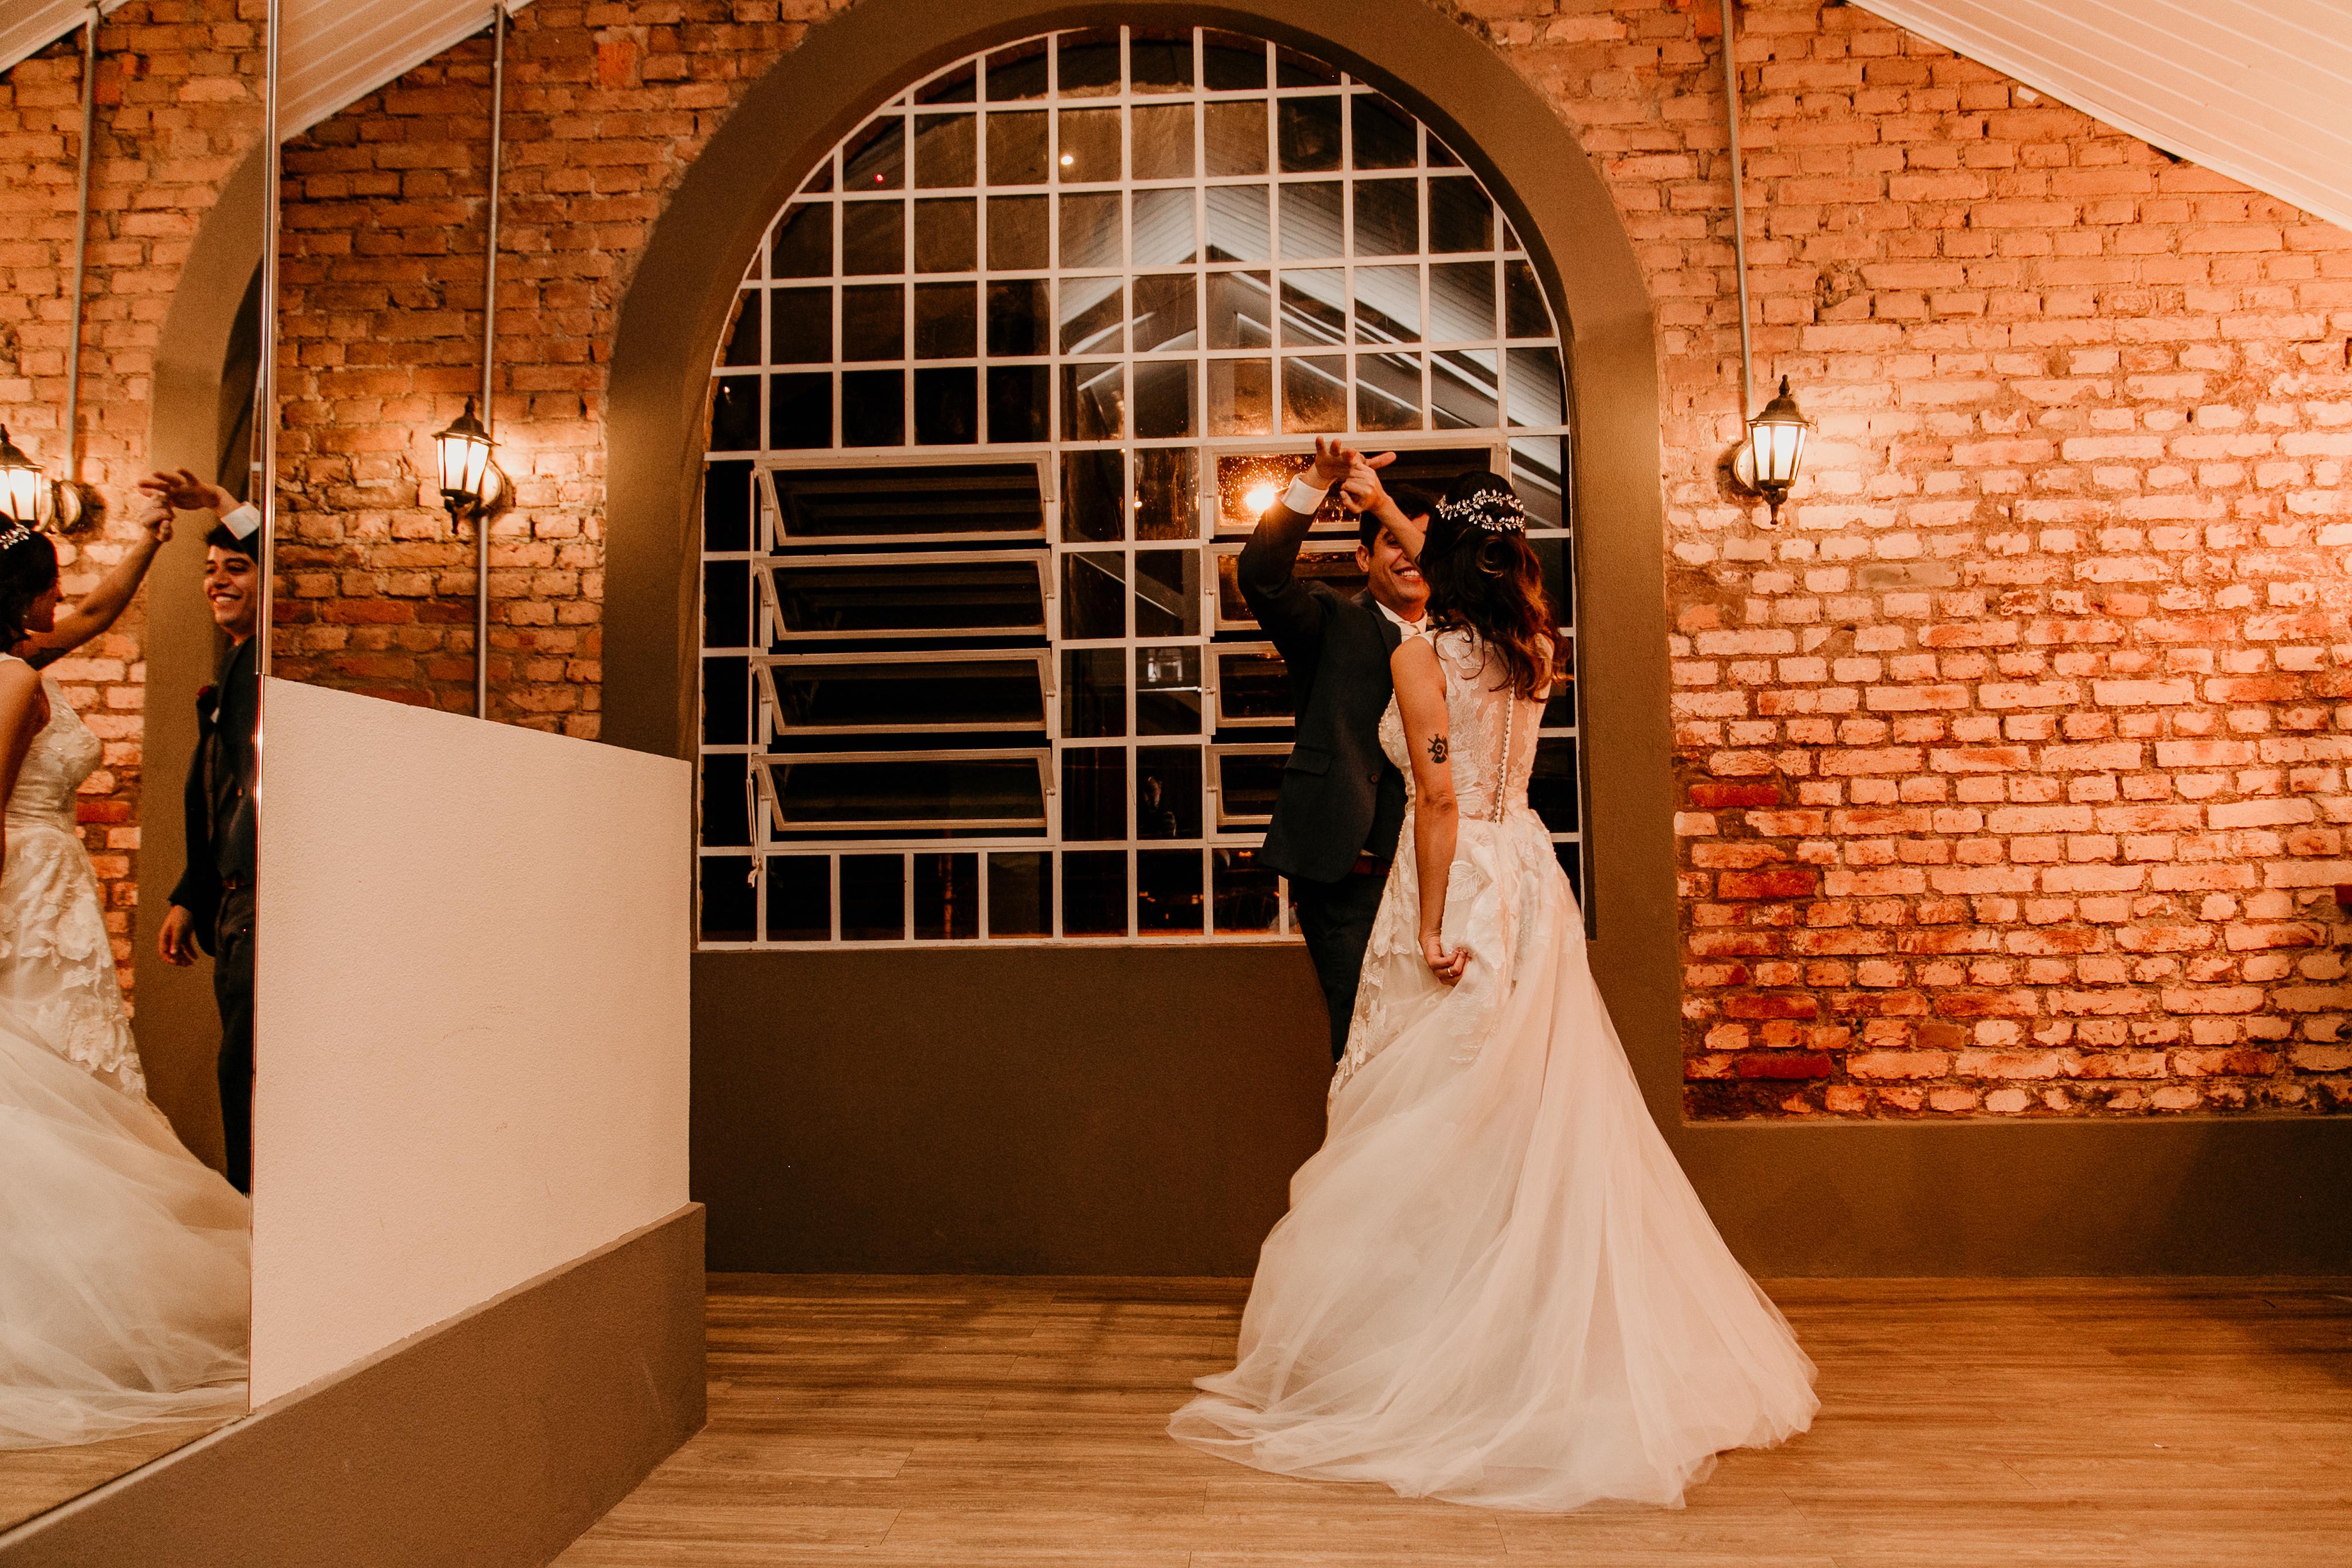 Contate Fotografo de casamento - Erik Caldas -  SP e todo Brasil